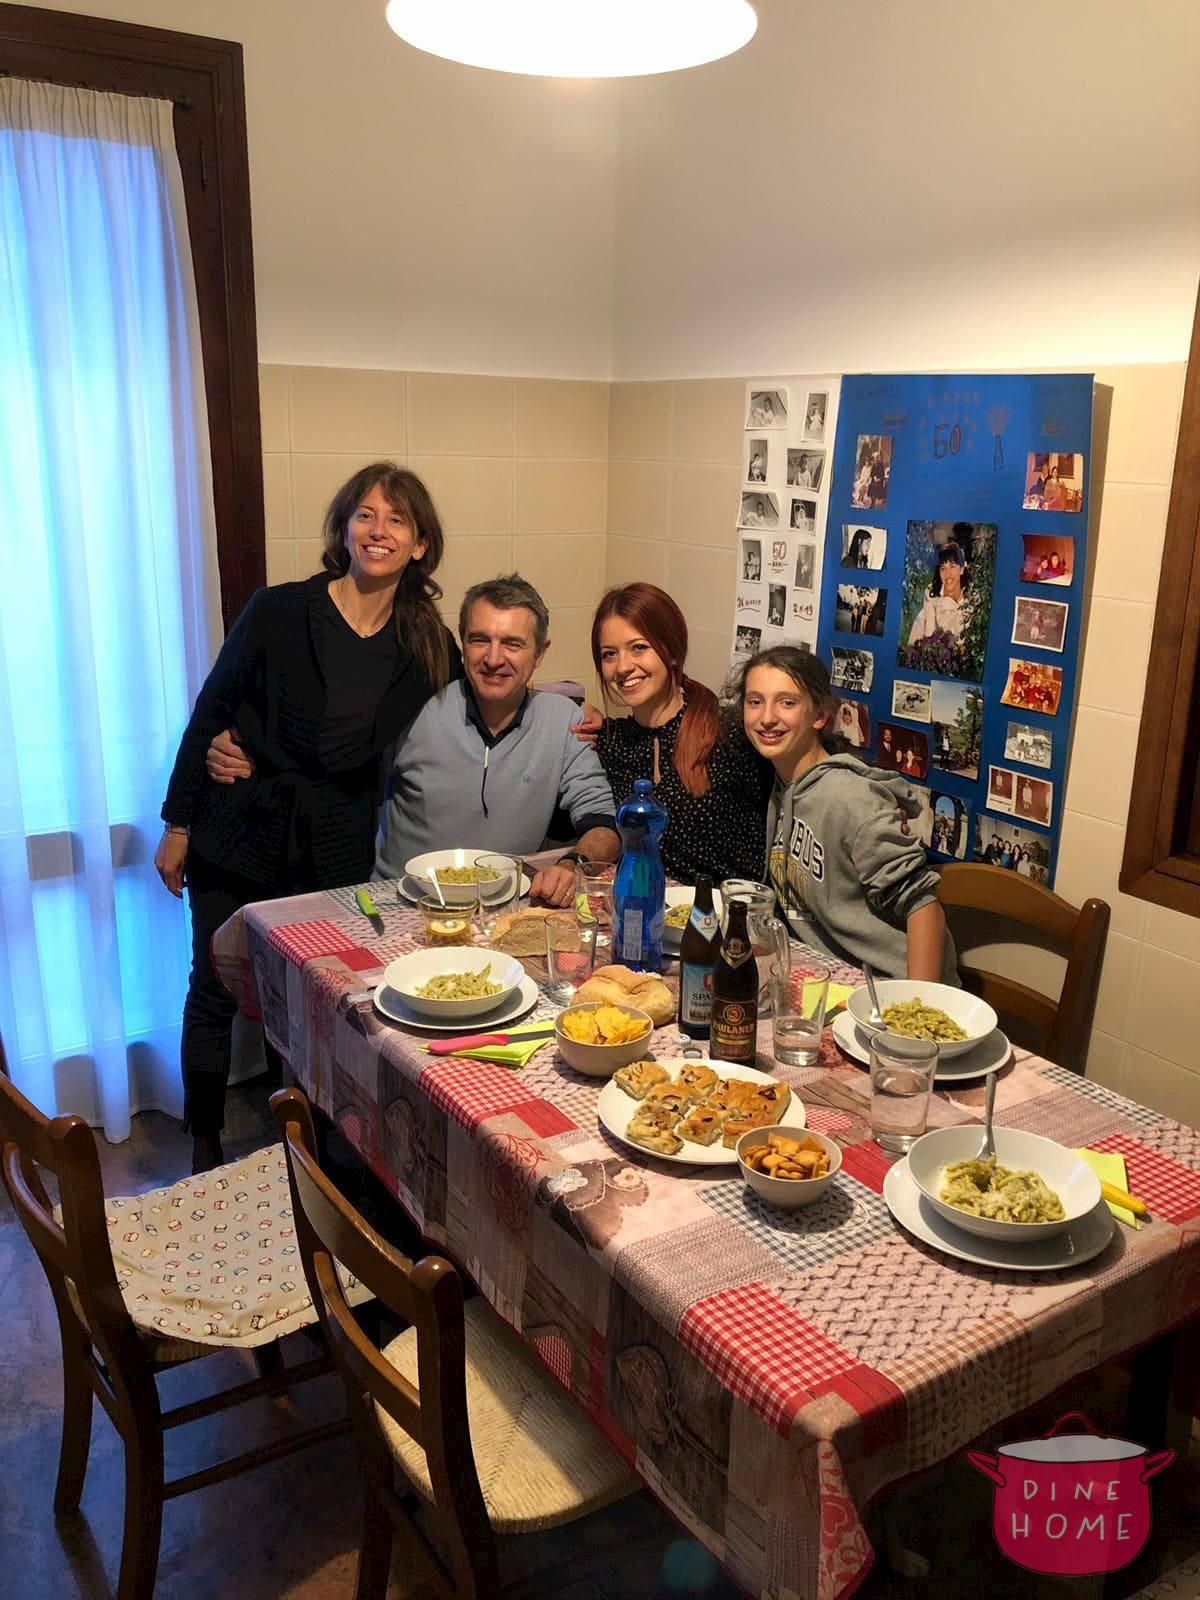 Ana Marija, studentessa dalla Croazia, a cena dalla sua famiglia Dinehome.